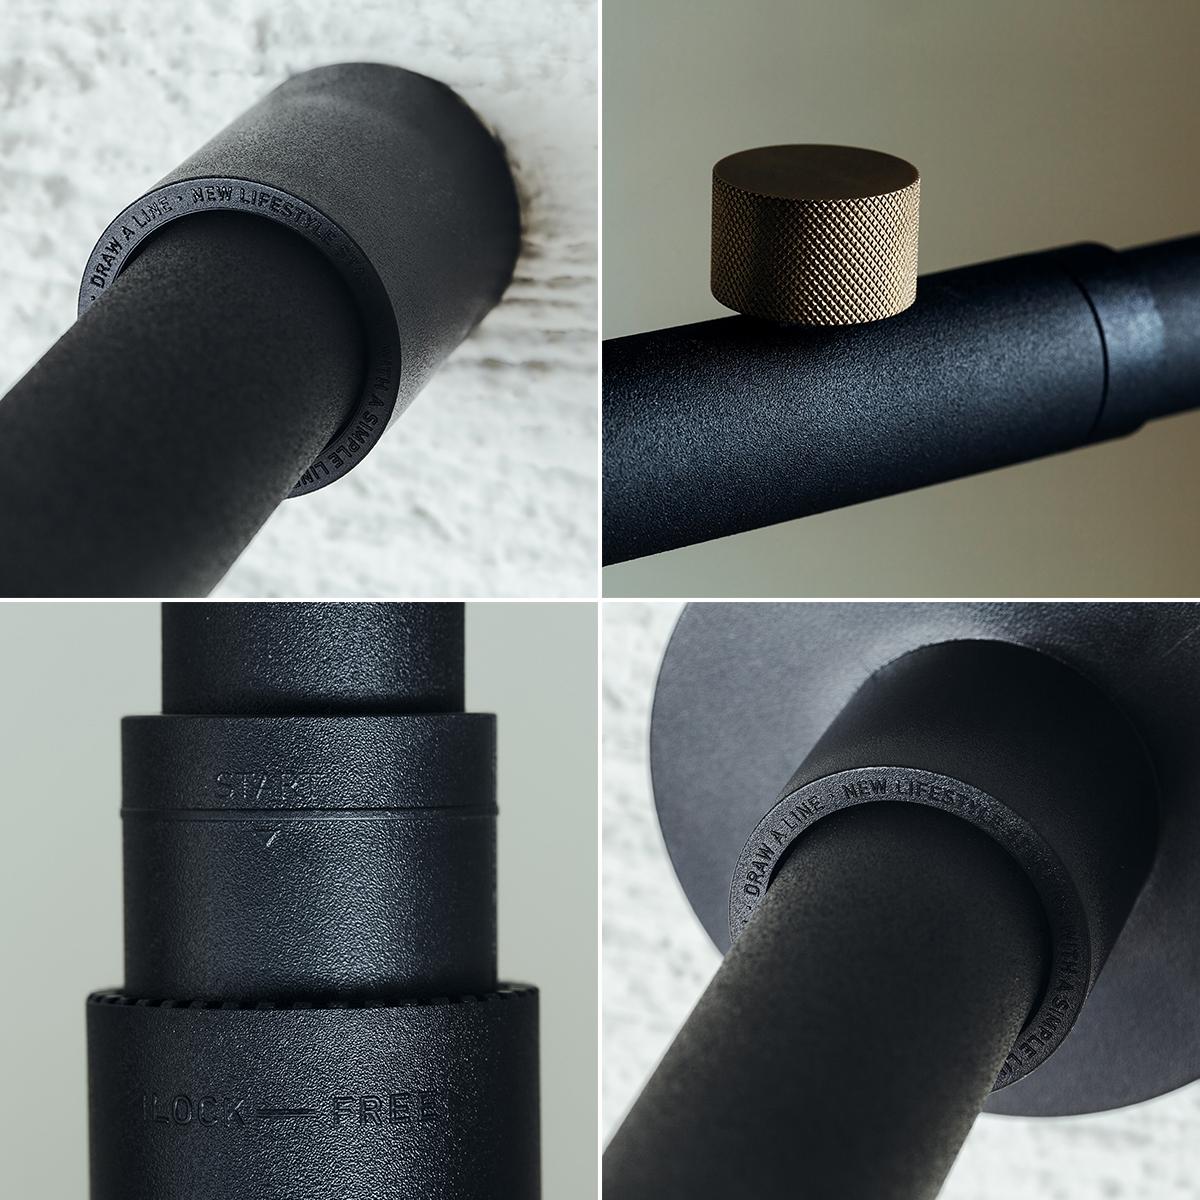 壁への穴開けも、工具も、必要なし。洗練されたデザインの照明とテーブルがセットできる「つっぱり棒」|DRAW A LINE ランプシリーズ